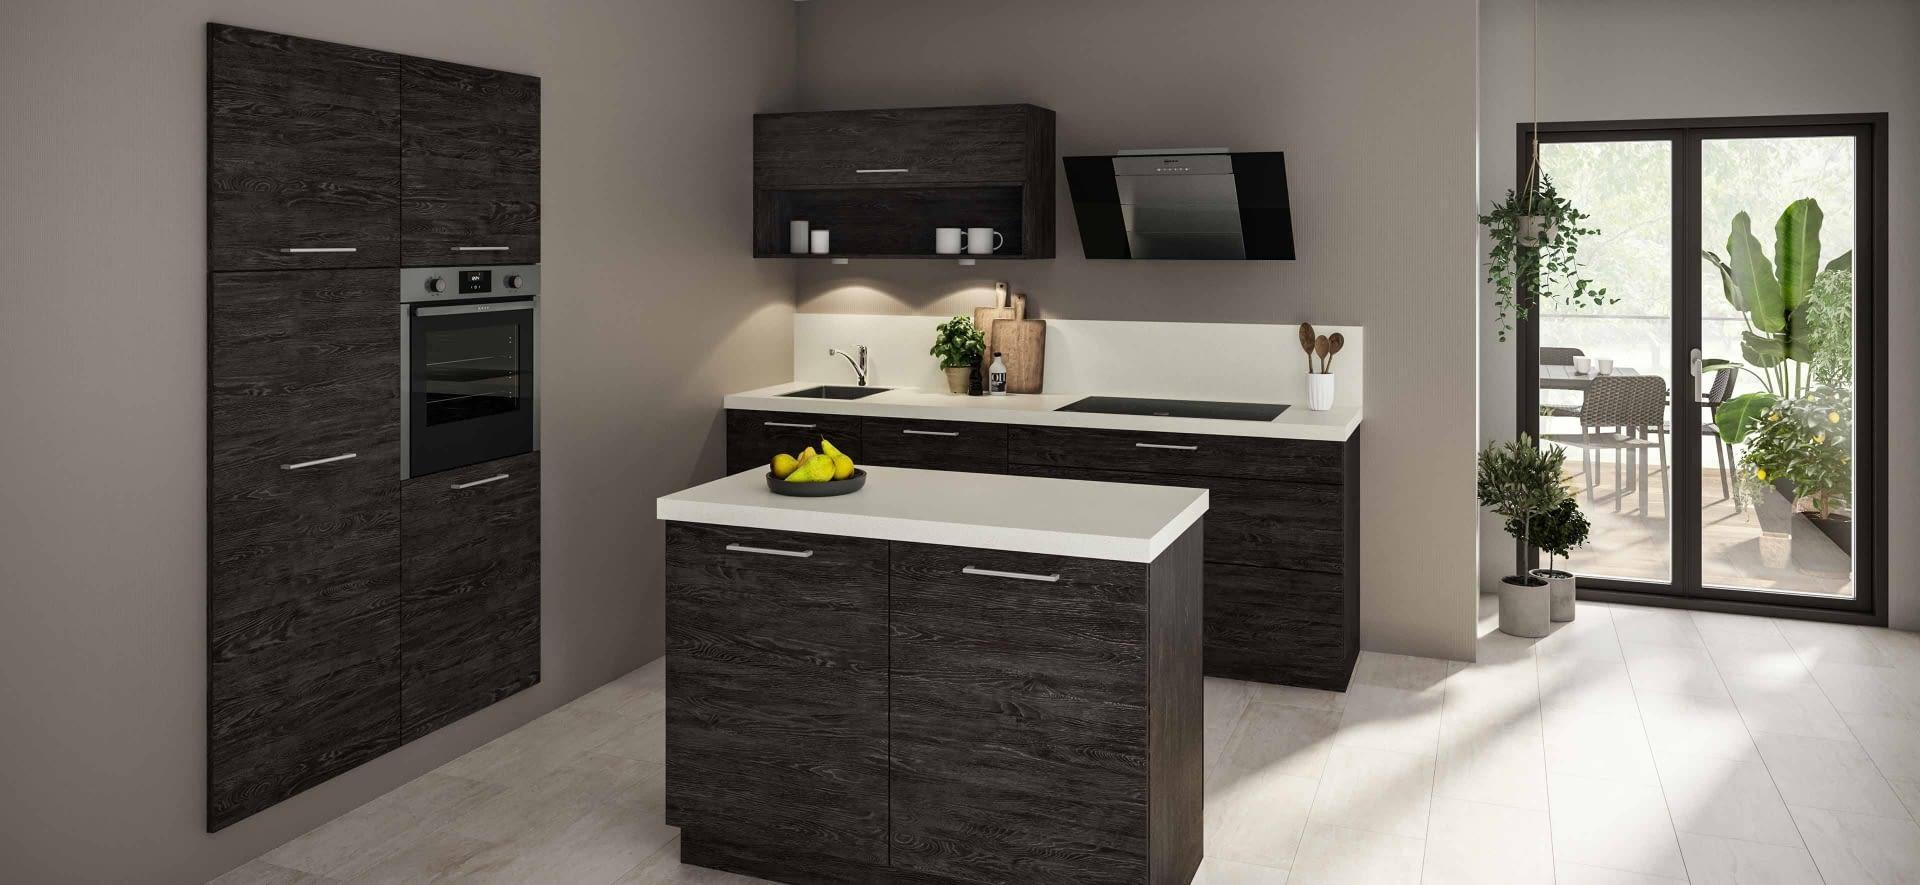 klassische k chenzeile mit quarzstein arbeitsplatte marquardt k chen. Black Bedroom Furniture Sets. Home Design Ideas